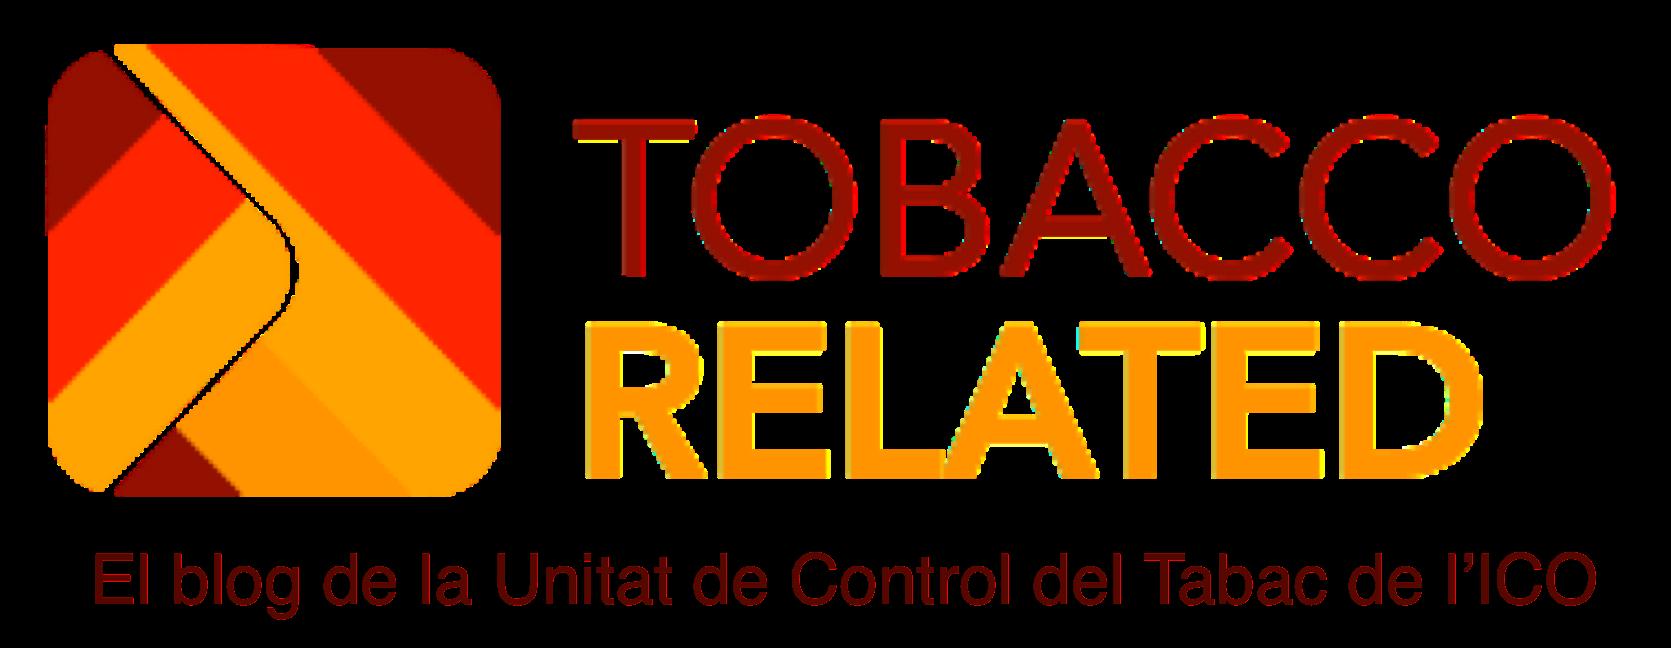 El blog de la Unitat de Control del Tabac de l'ICO